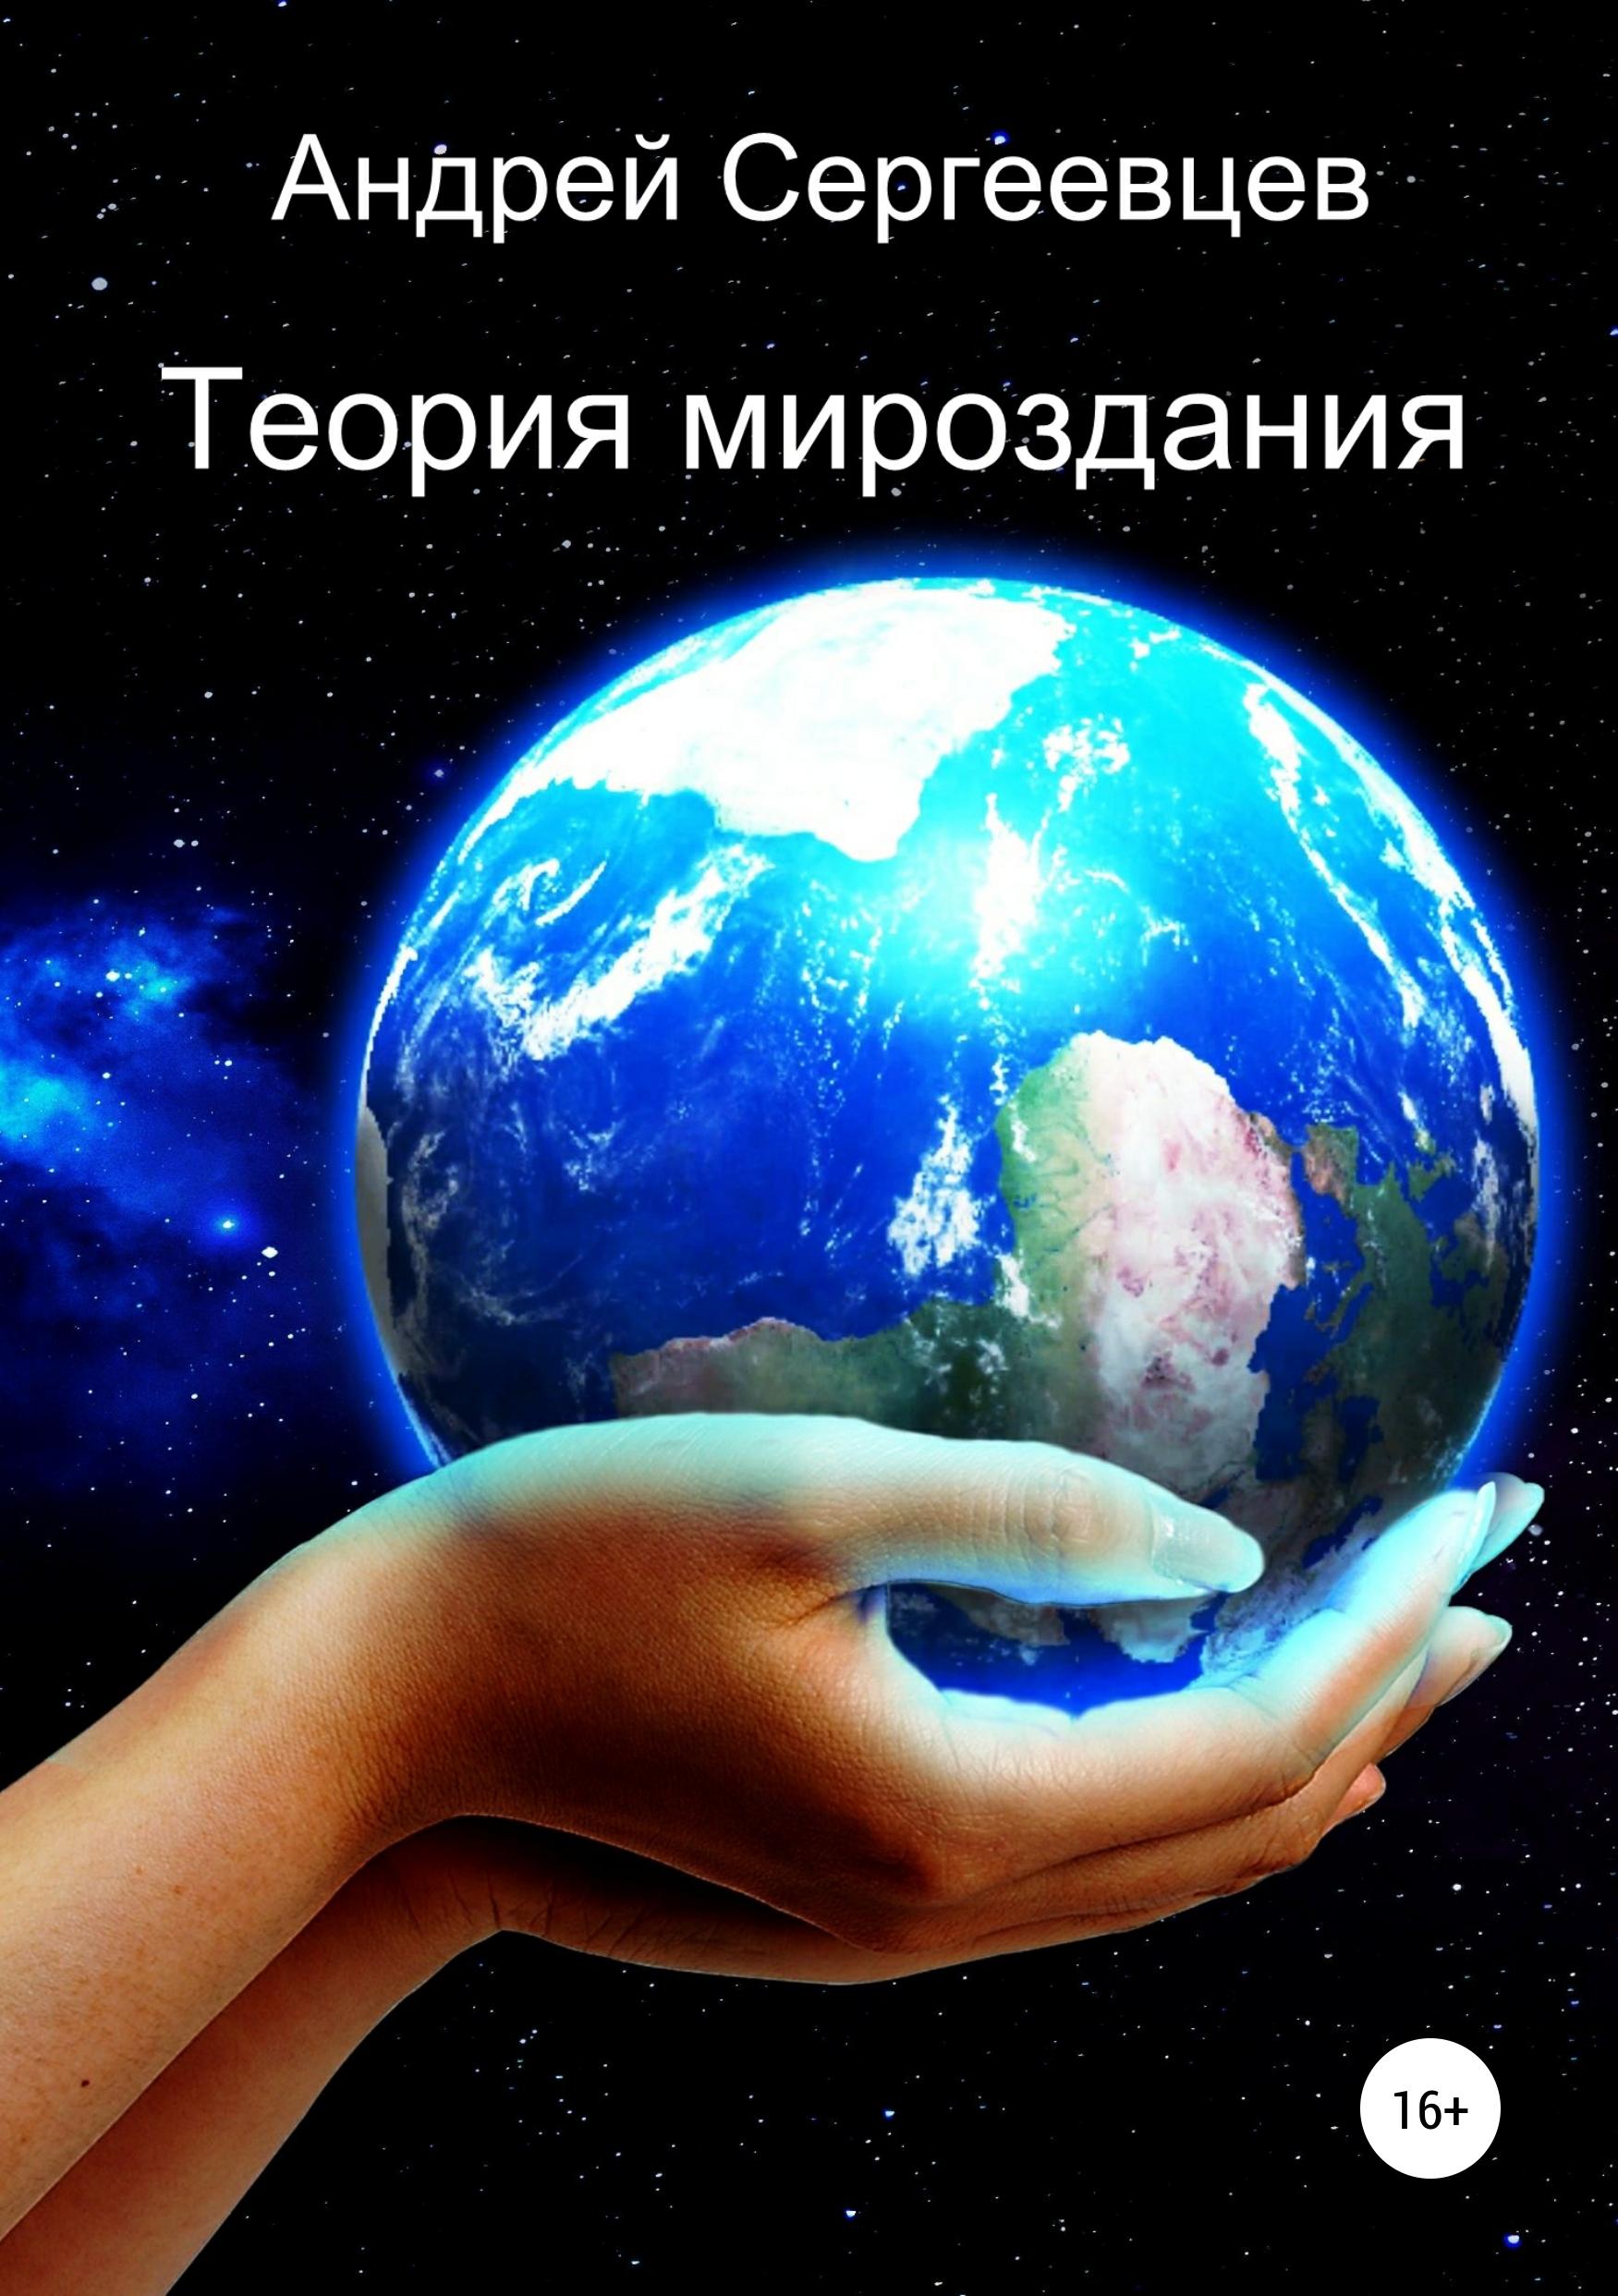 Андрей Сергеевцев Теория мироздания родни коллин теория сознательной гармонии